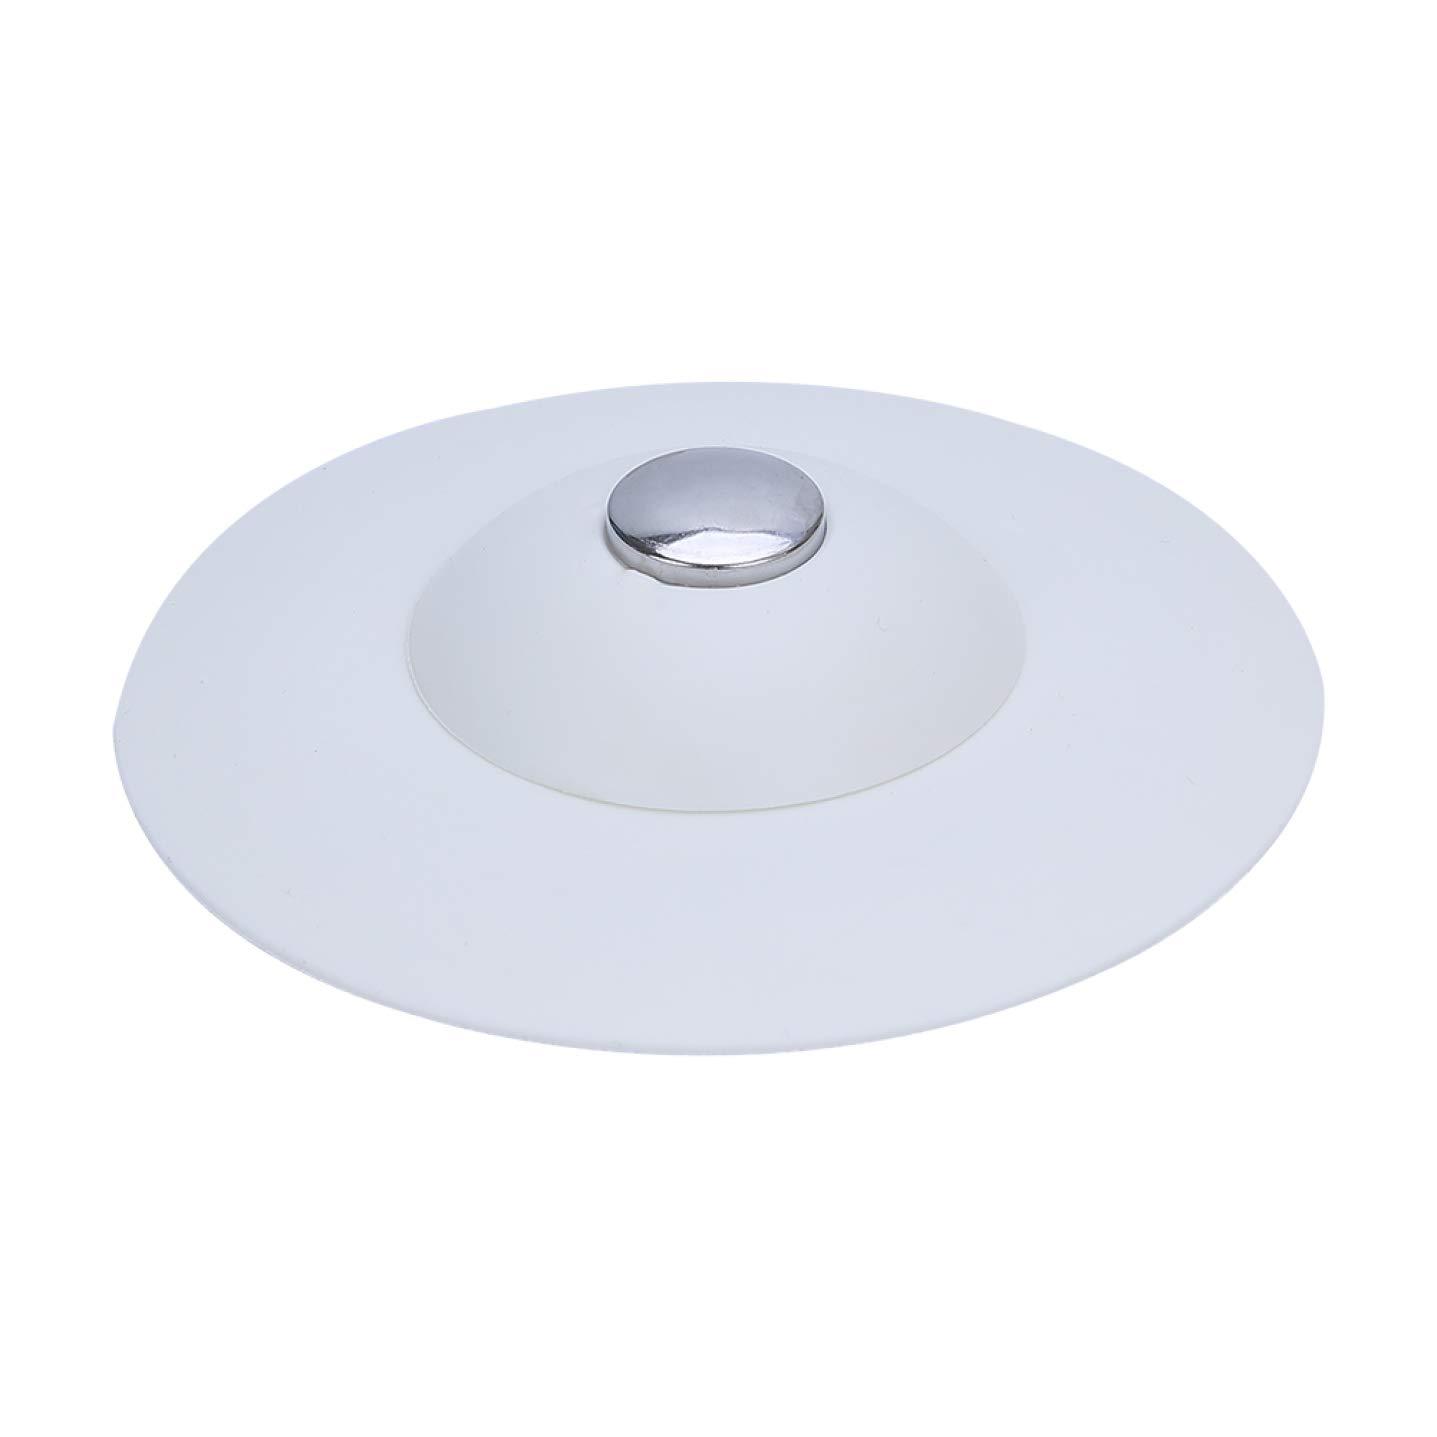 XINGSd Impeccable Tap/ón de Drenaje Multifuncional filtros de Fregadero lavander/ía atrapa el Pelo para Piso Protector de Drenaje de Ducha ba/ño Cocina Tap/ón de Drenaje para ba/ñera